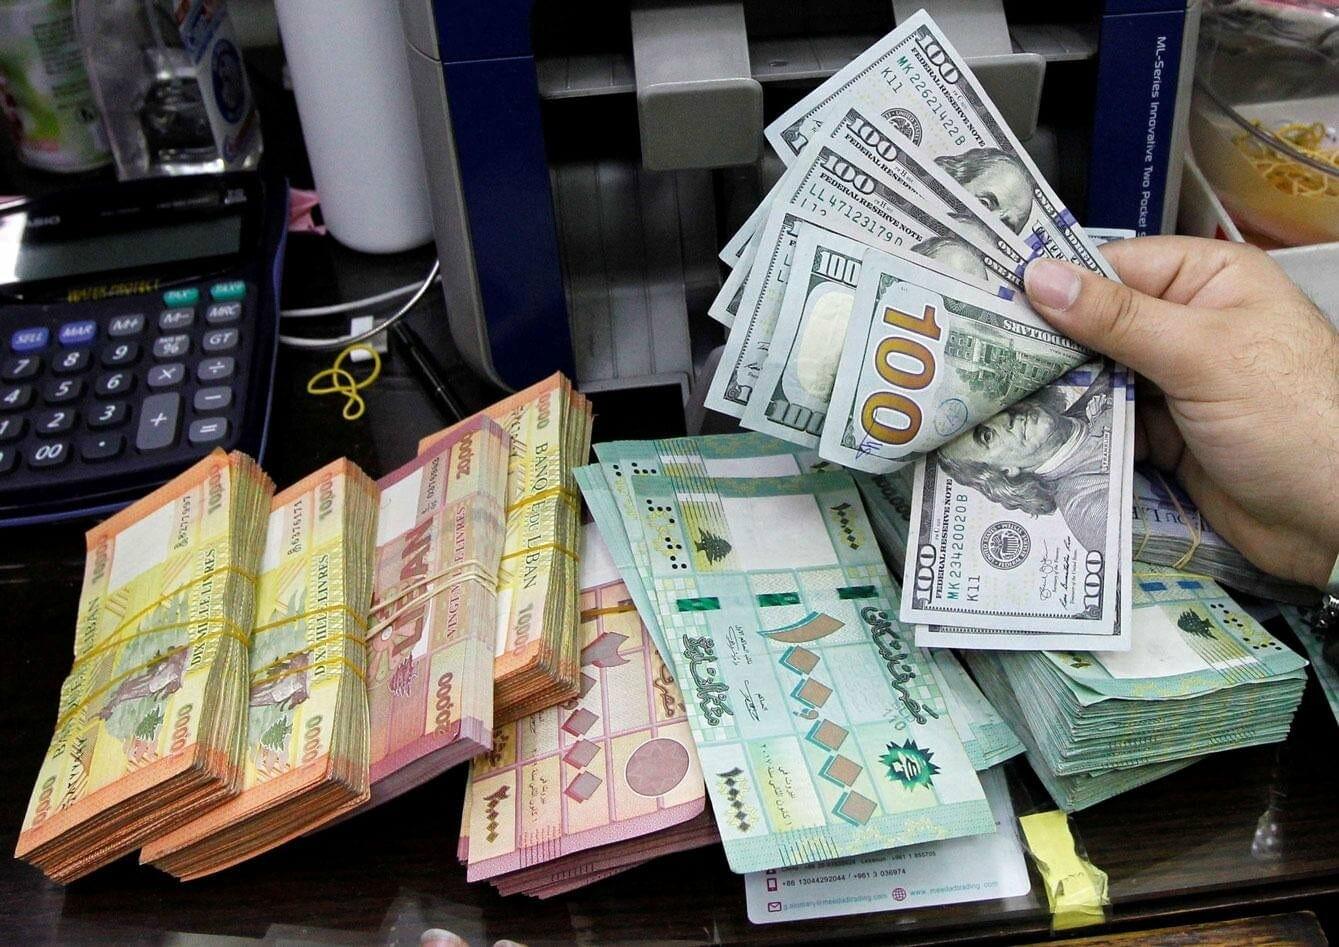 الليرة اللبنانية تنهار أمام الدولار ومجاعة على الأبواب.. هل ينقذها التعويم أم يزيد الوضع سوء؟